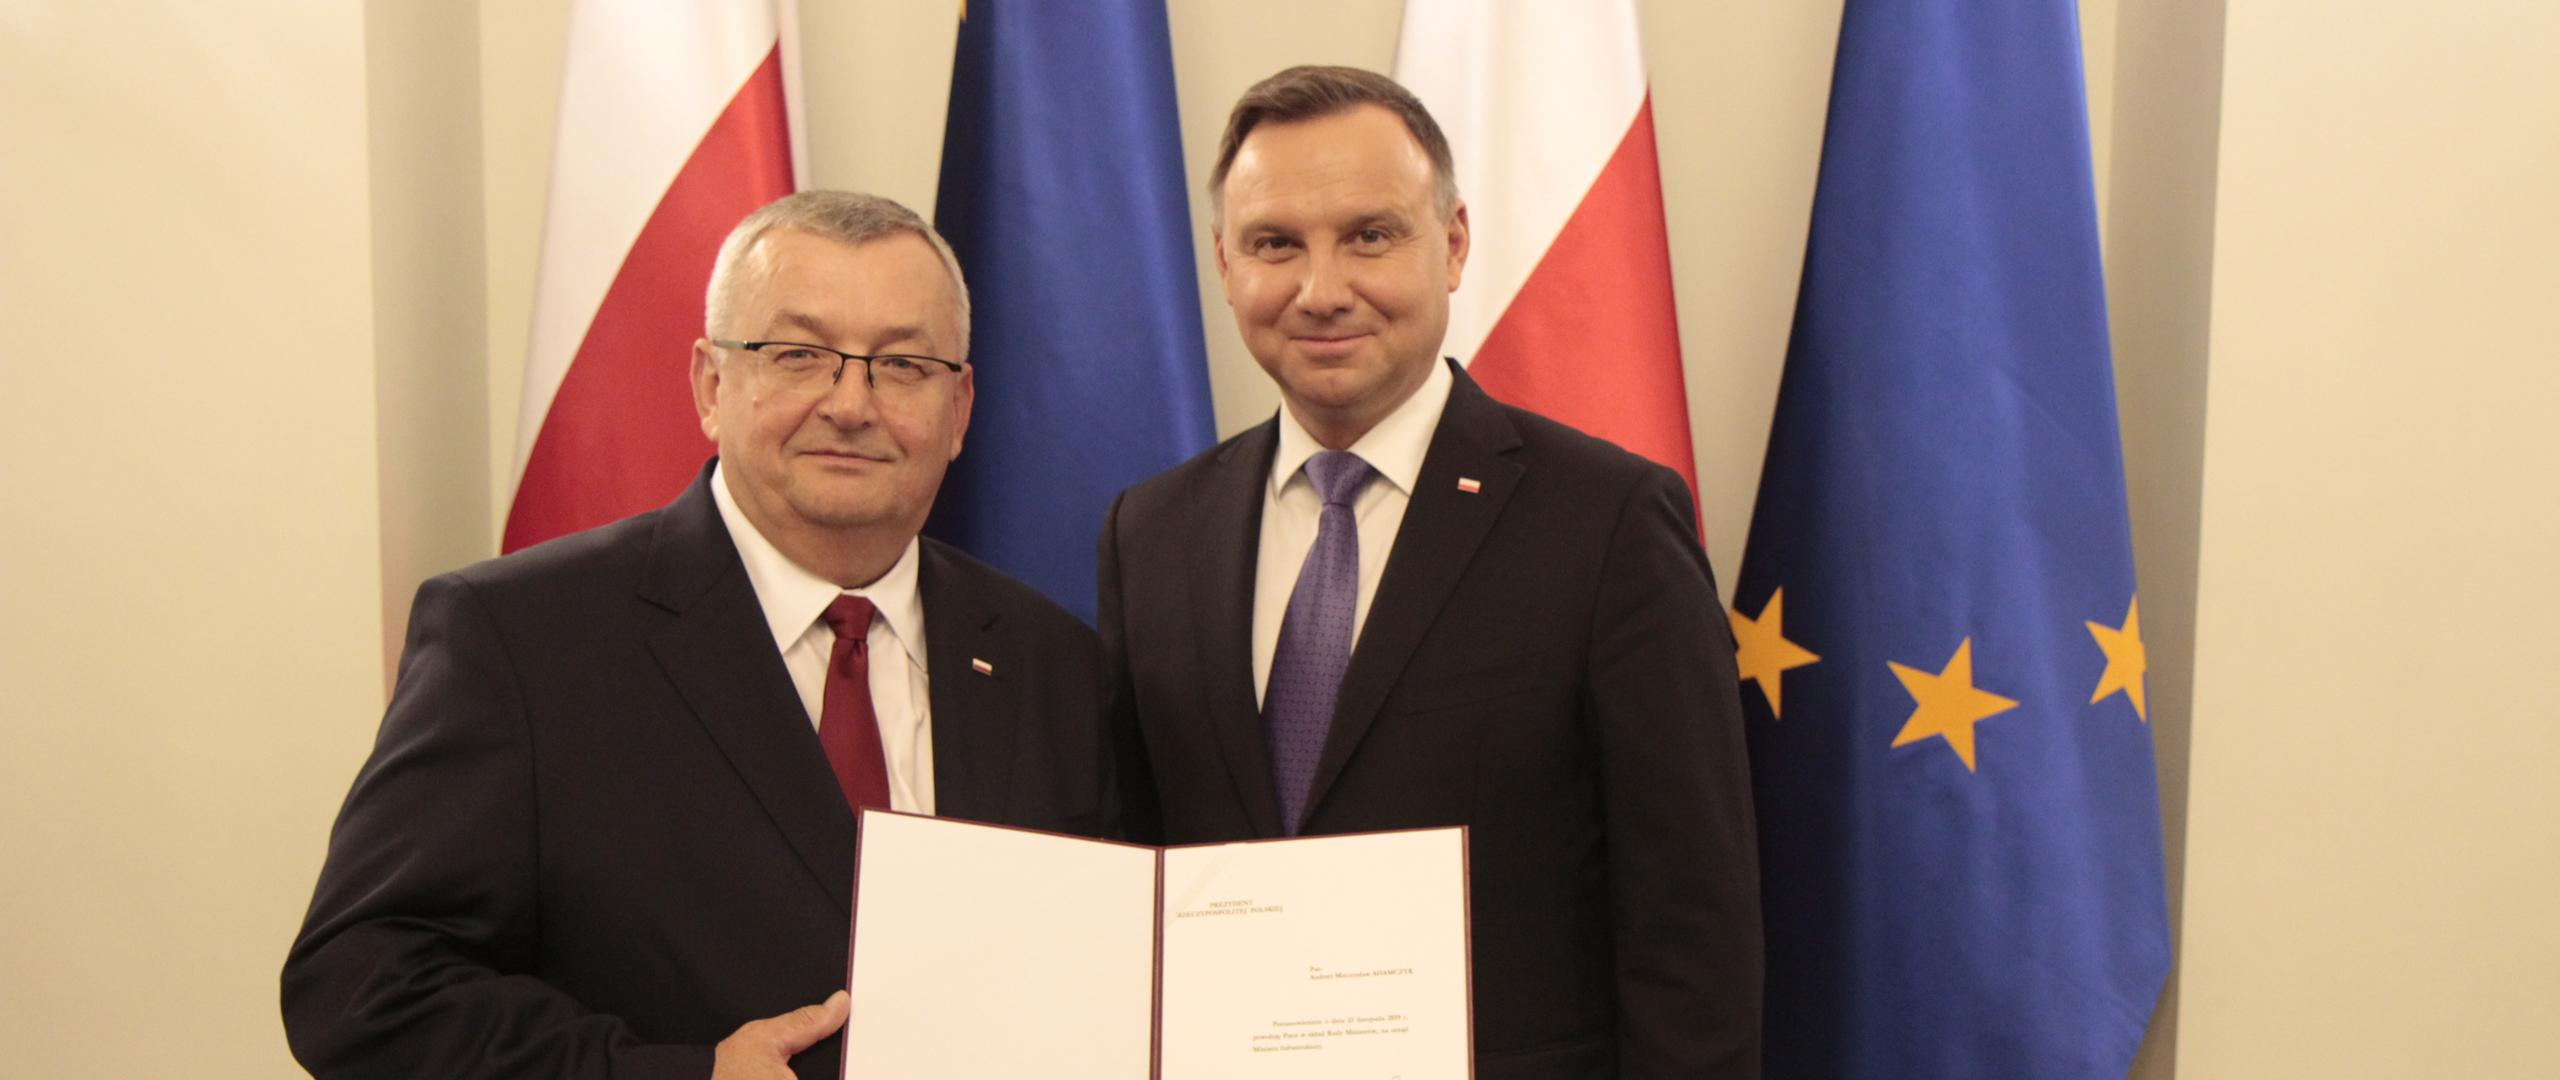 Andrzej Adamczyk odebrał z rąk Prezydenta RP Andrzeja Dudy akt powołania na urząd ministra infrastruktury